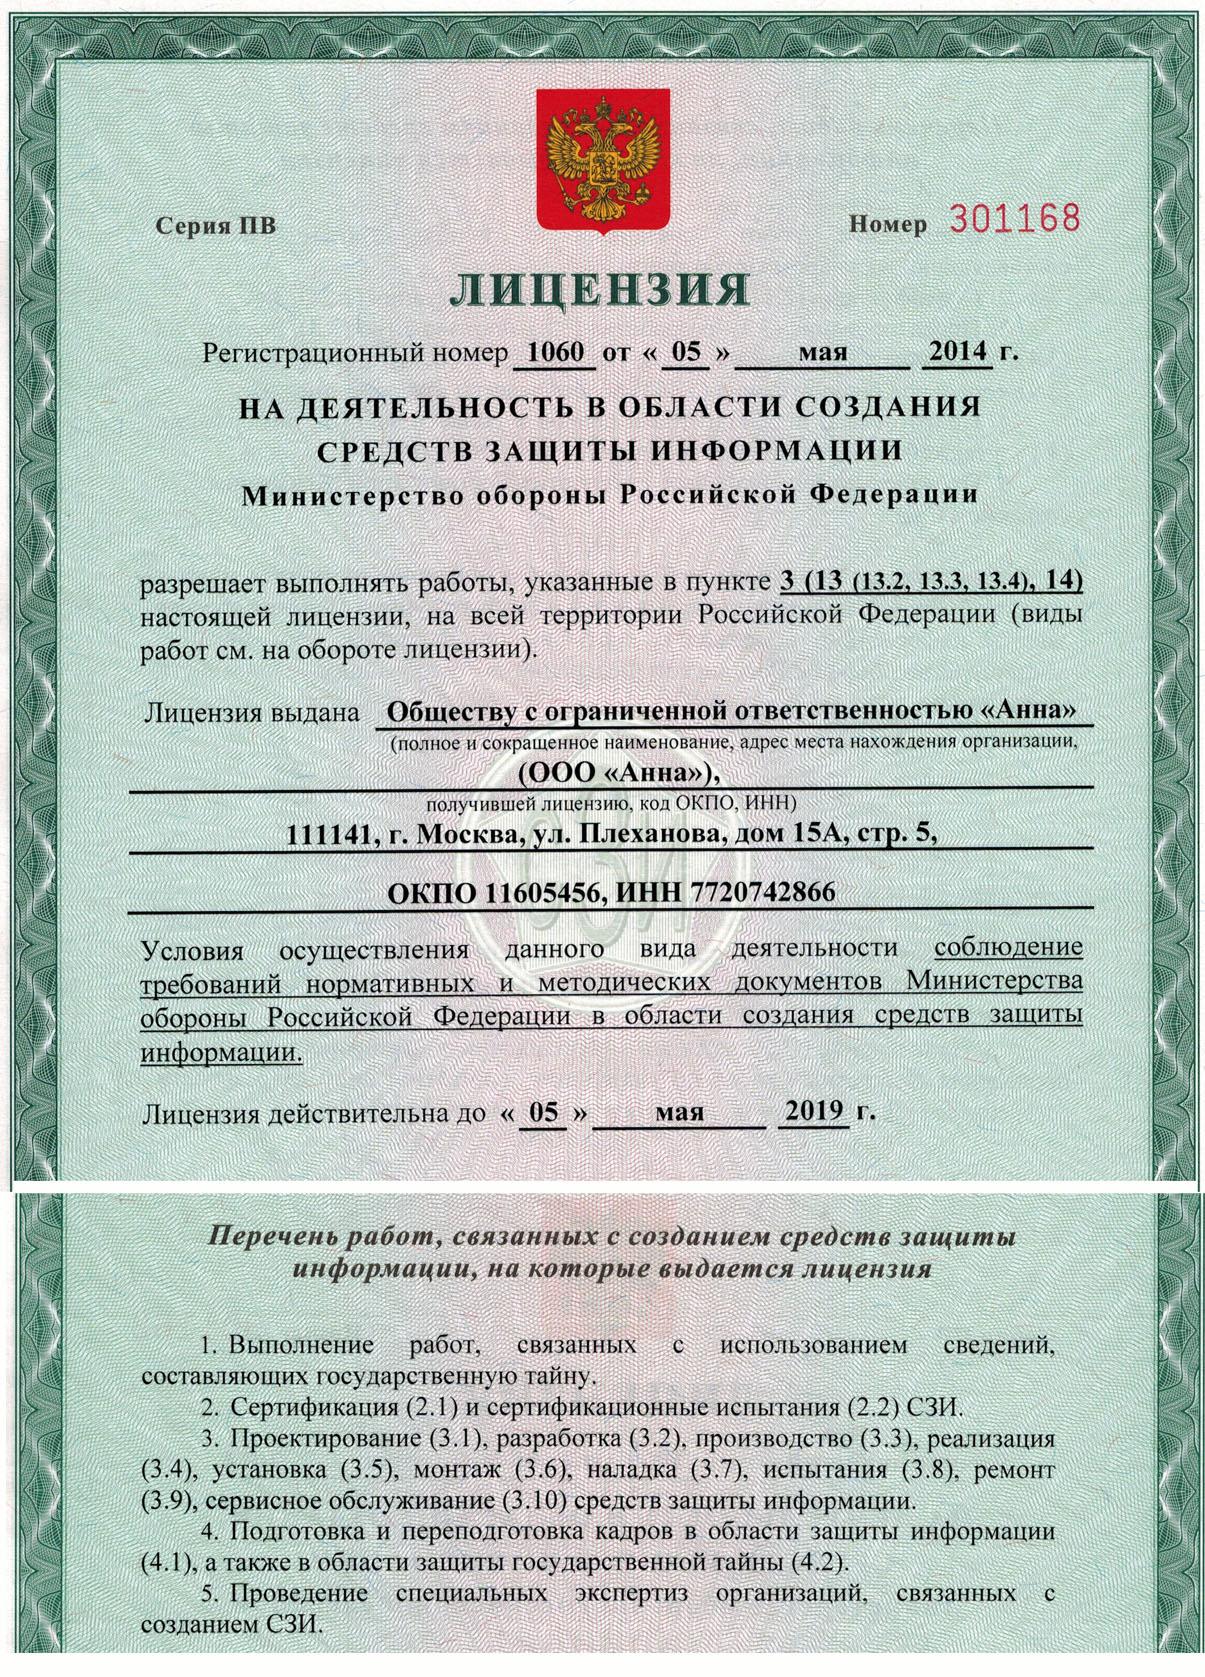 список военных представительств мо рф в санкт-петербурге был готов